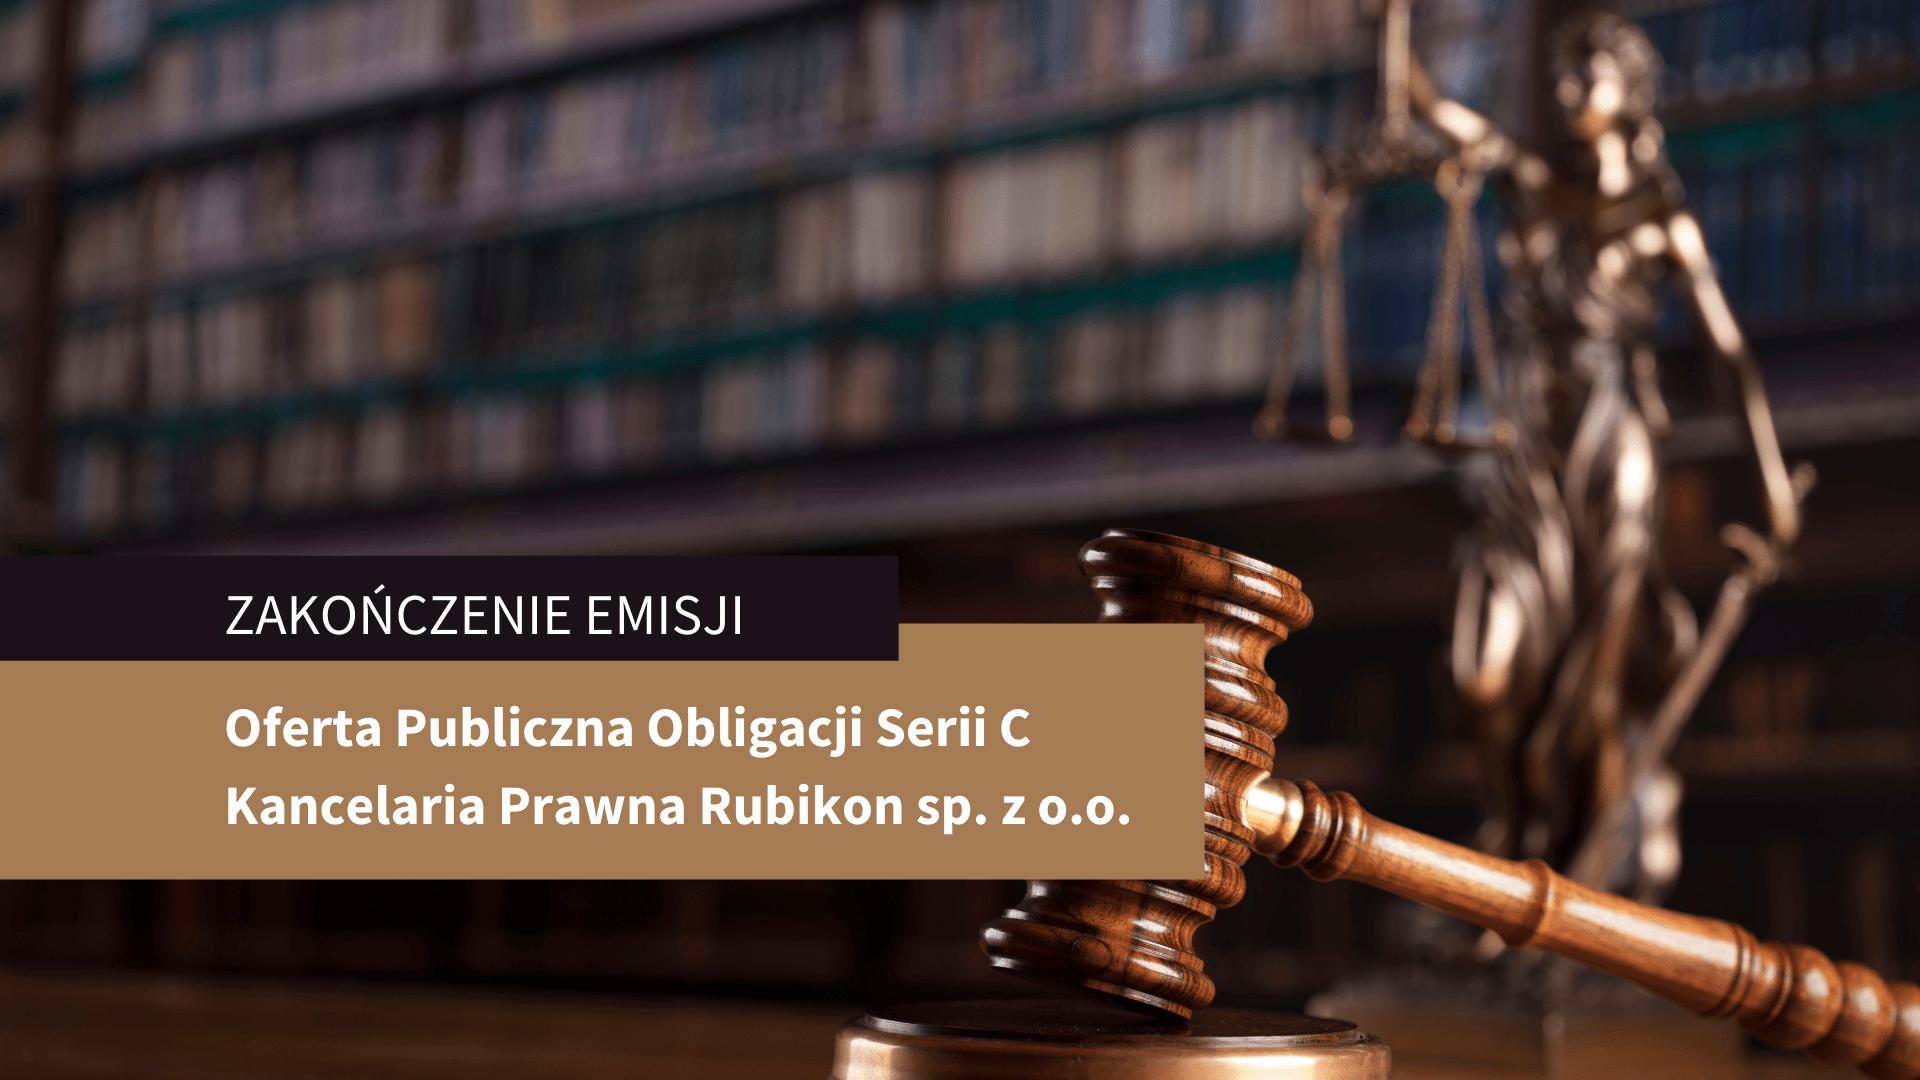 Zakończenie Oferty Publicznej Obligacji Serii C Kancelarii Prawnej Rubikon sp. z o.o.